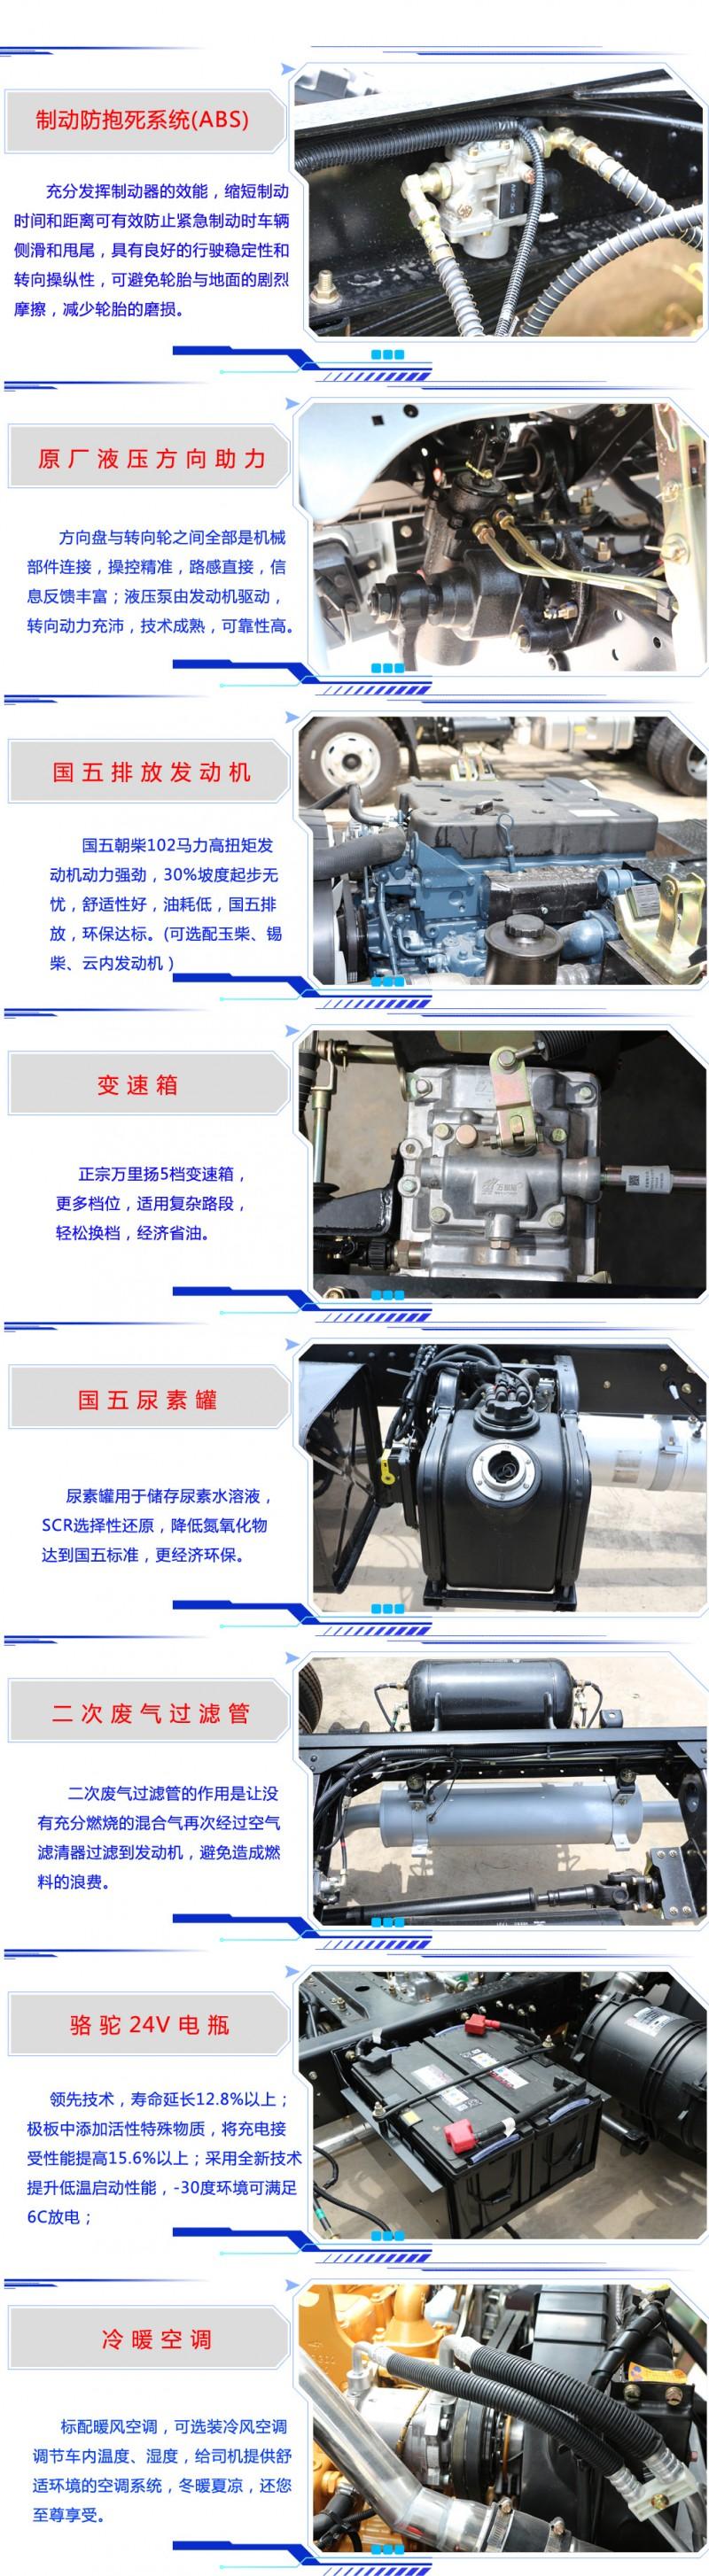 东风多利卡3吨洒水车底盘详细描述